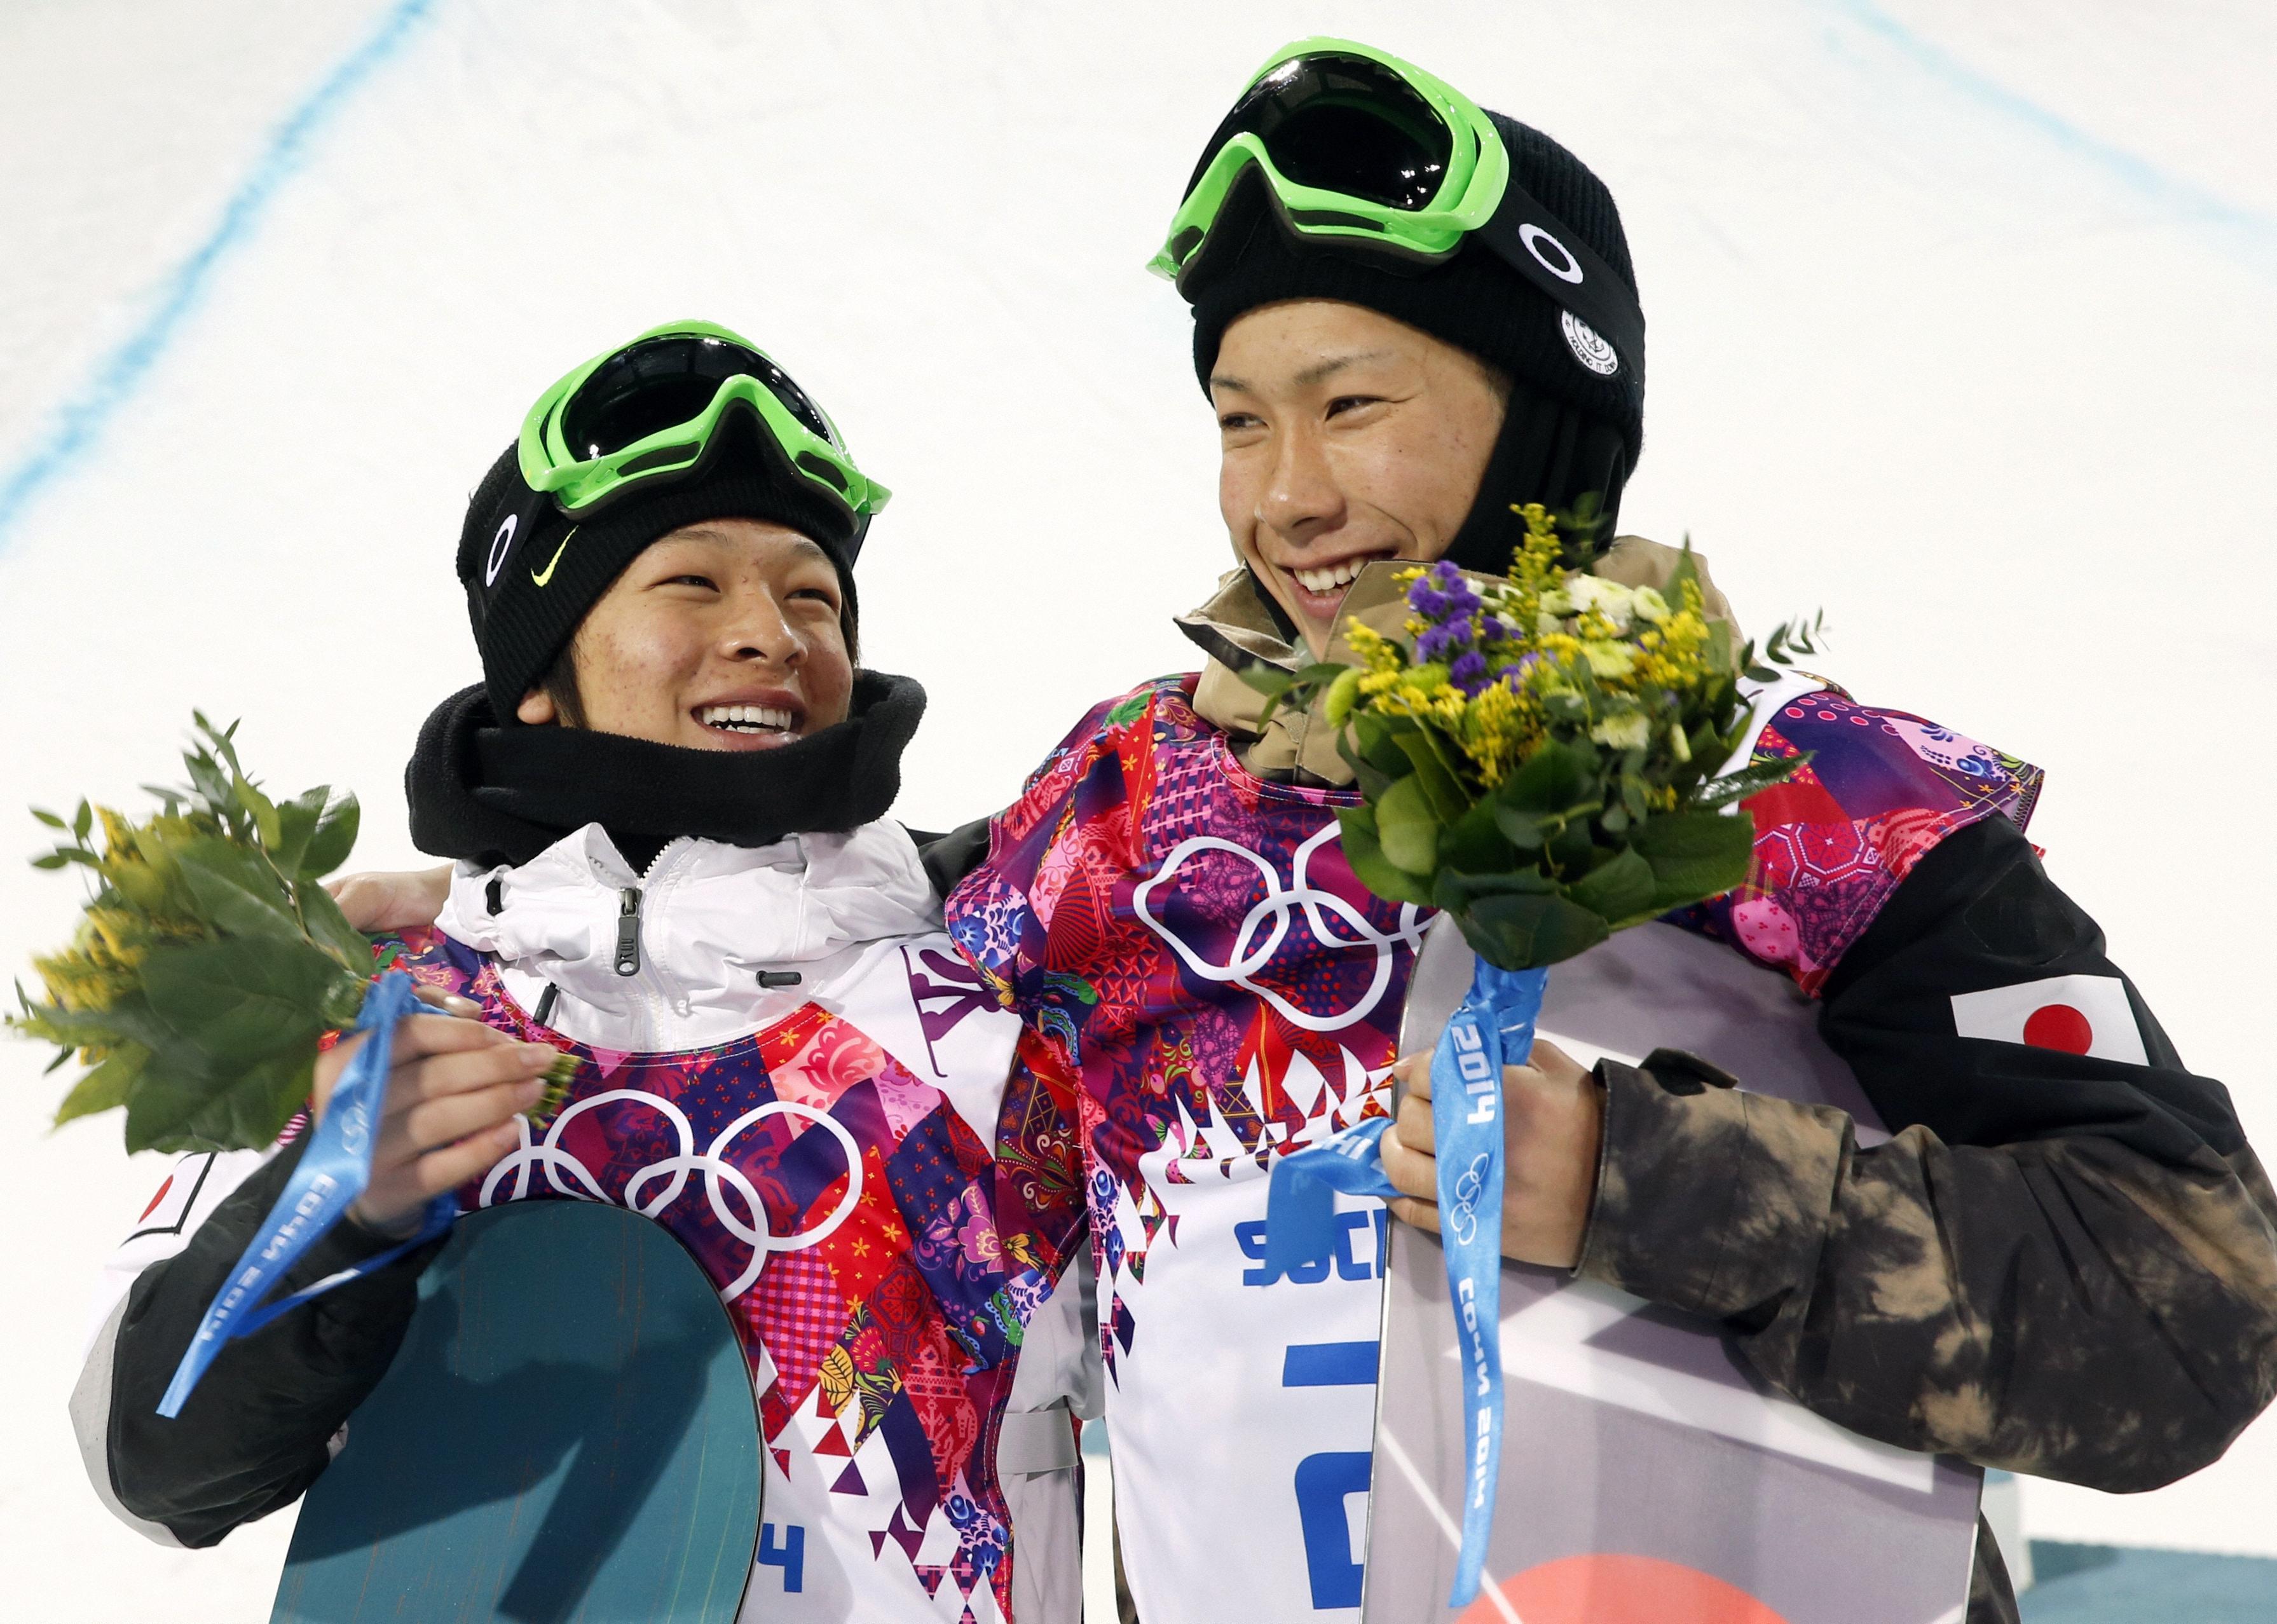 日本に初メダル 15歳平野が銀、18歳平岡は銅 スノーボード男子HP